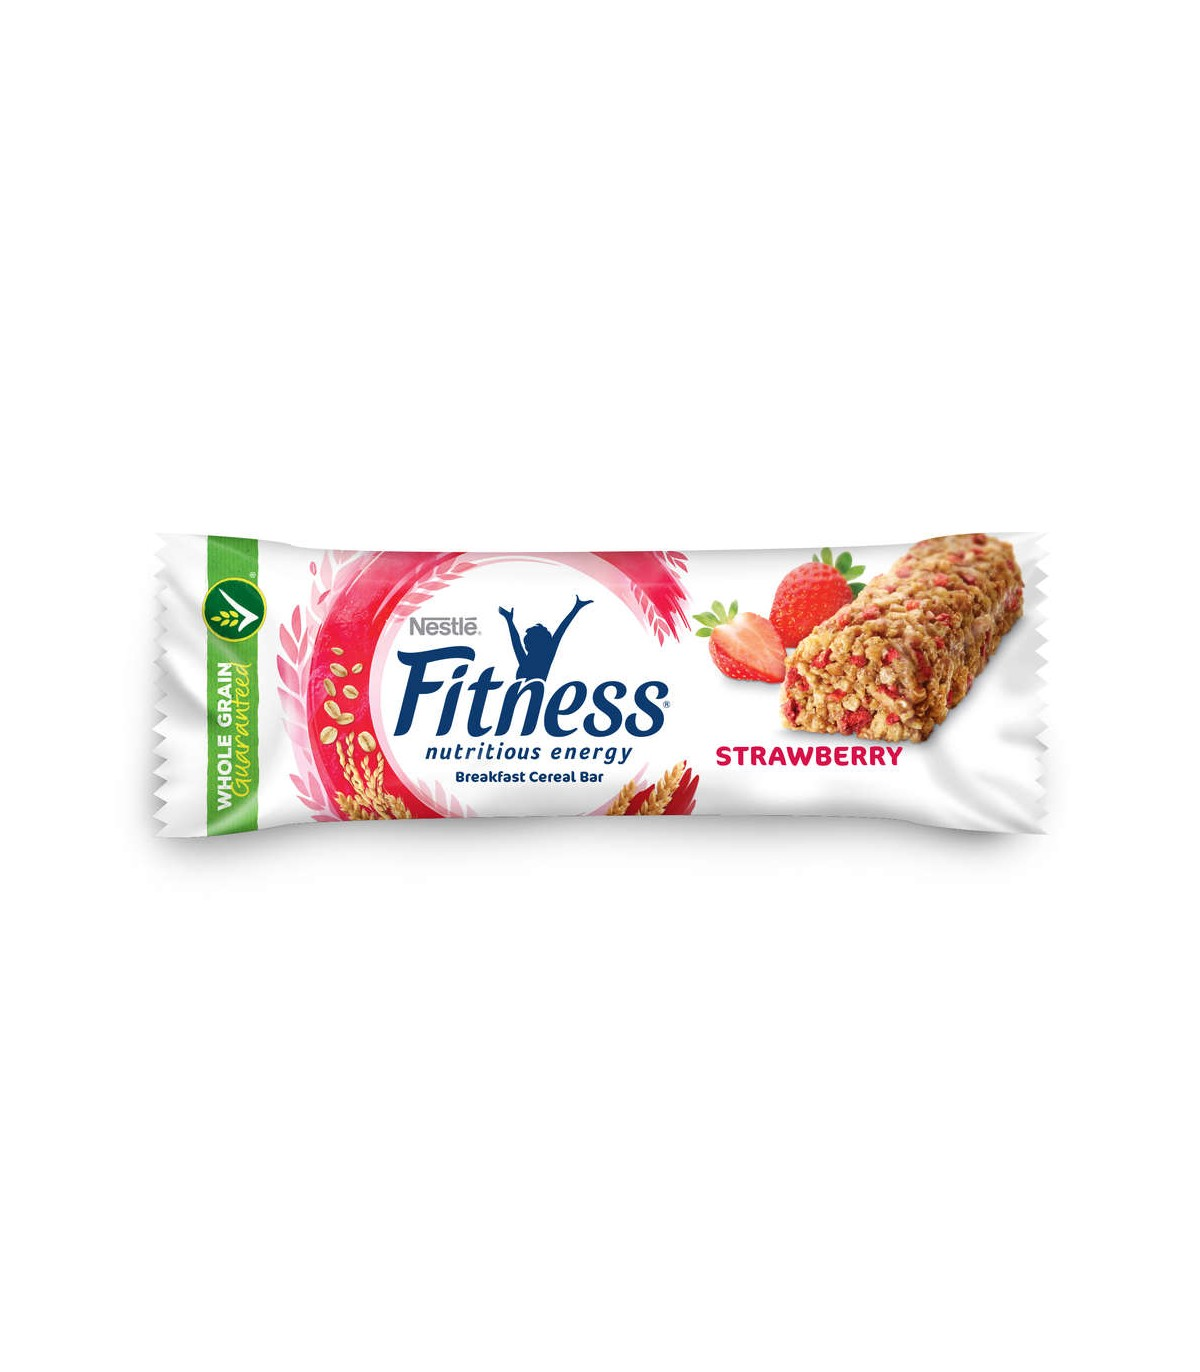 Nestle سریال بار صبحانه فیتنس توت فرنگی 23.5 گرمی نستله